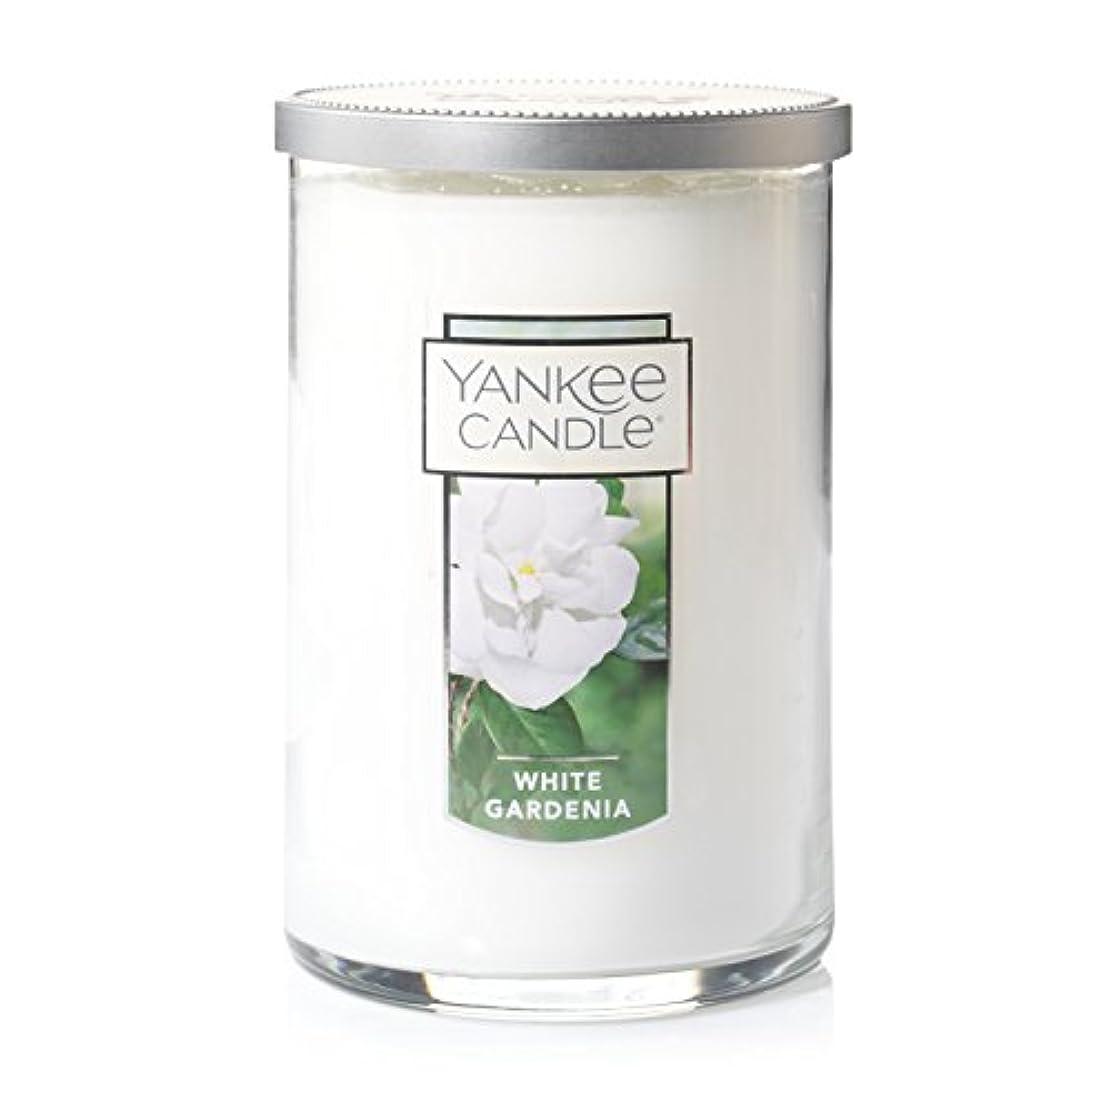 持っている重々しい繁雑Yankee Candle White Gardenia、花柄香り Large 2-Wick Tumbler Candle 1230627